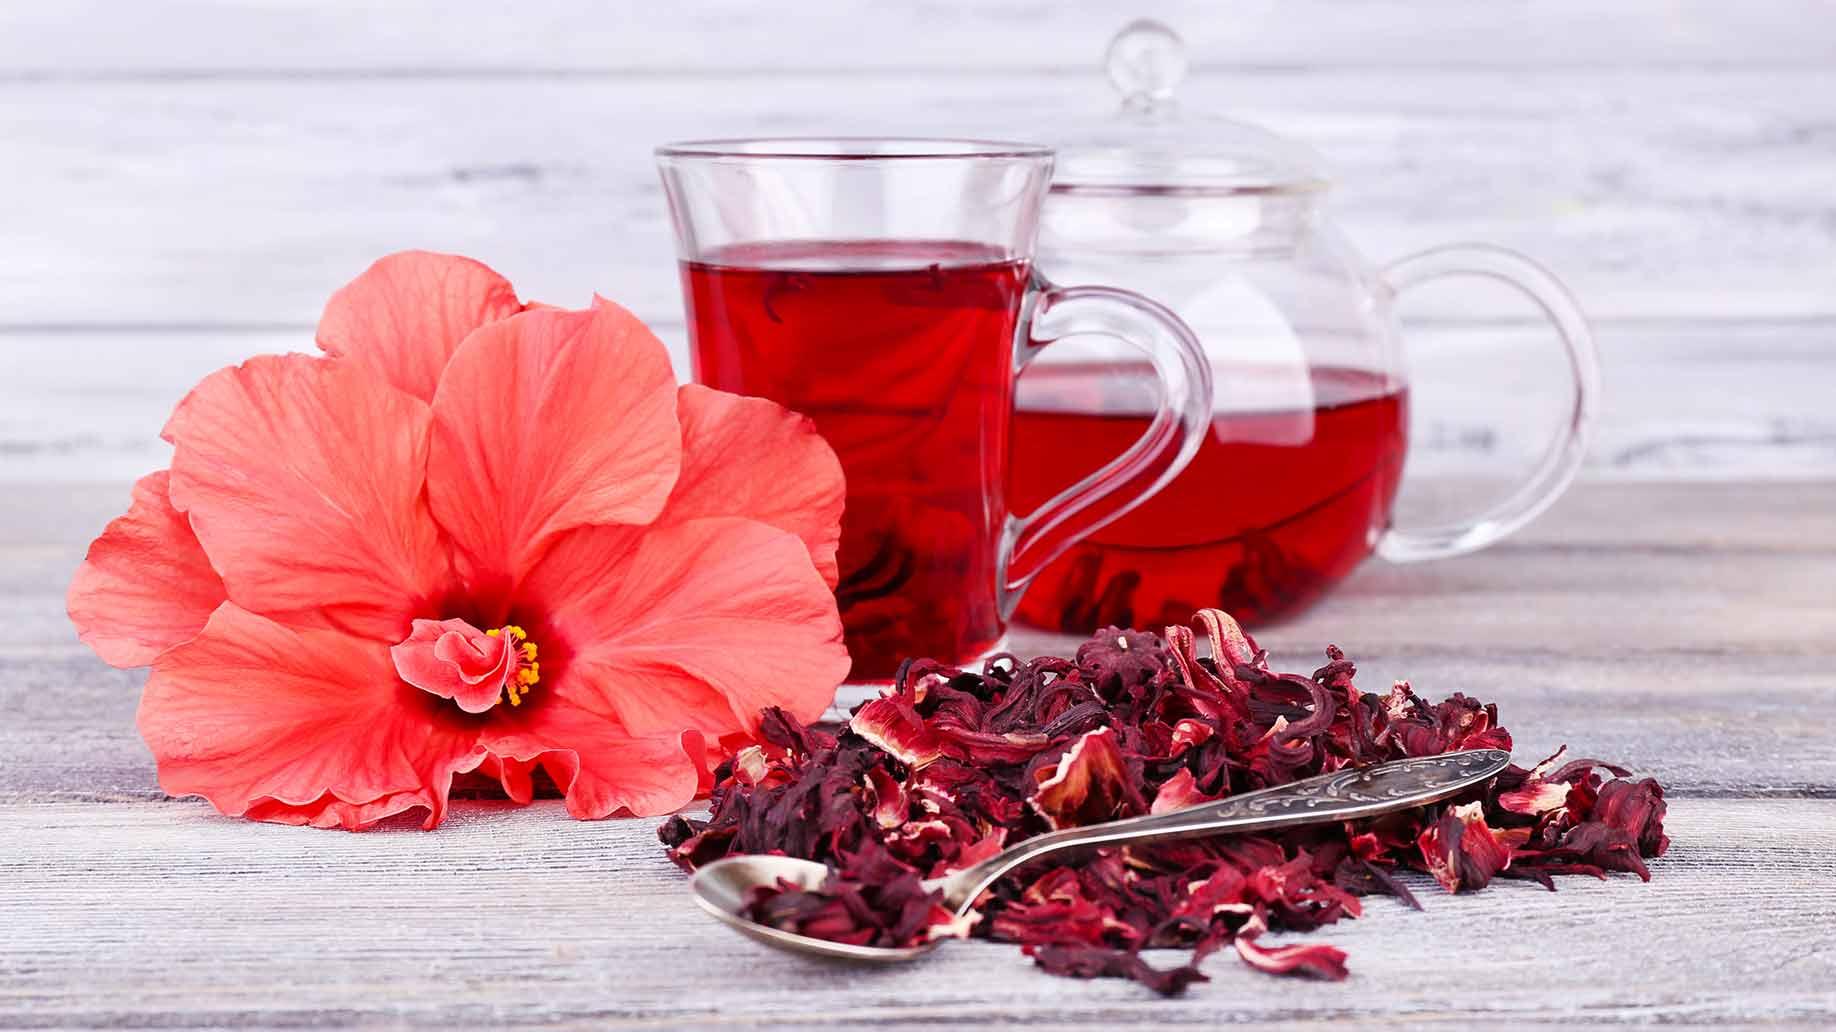 Чайная роза: полезные свойства, рецепты применения и противопоказания